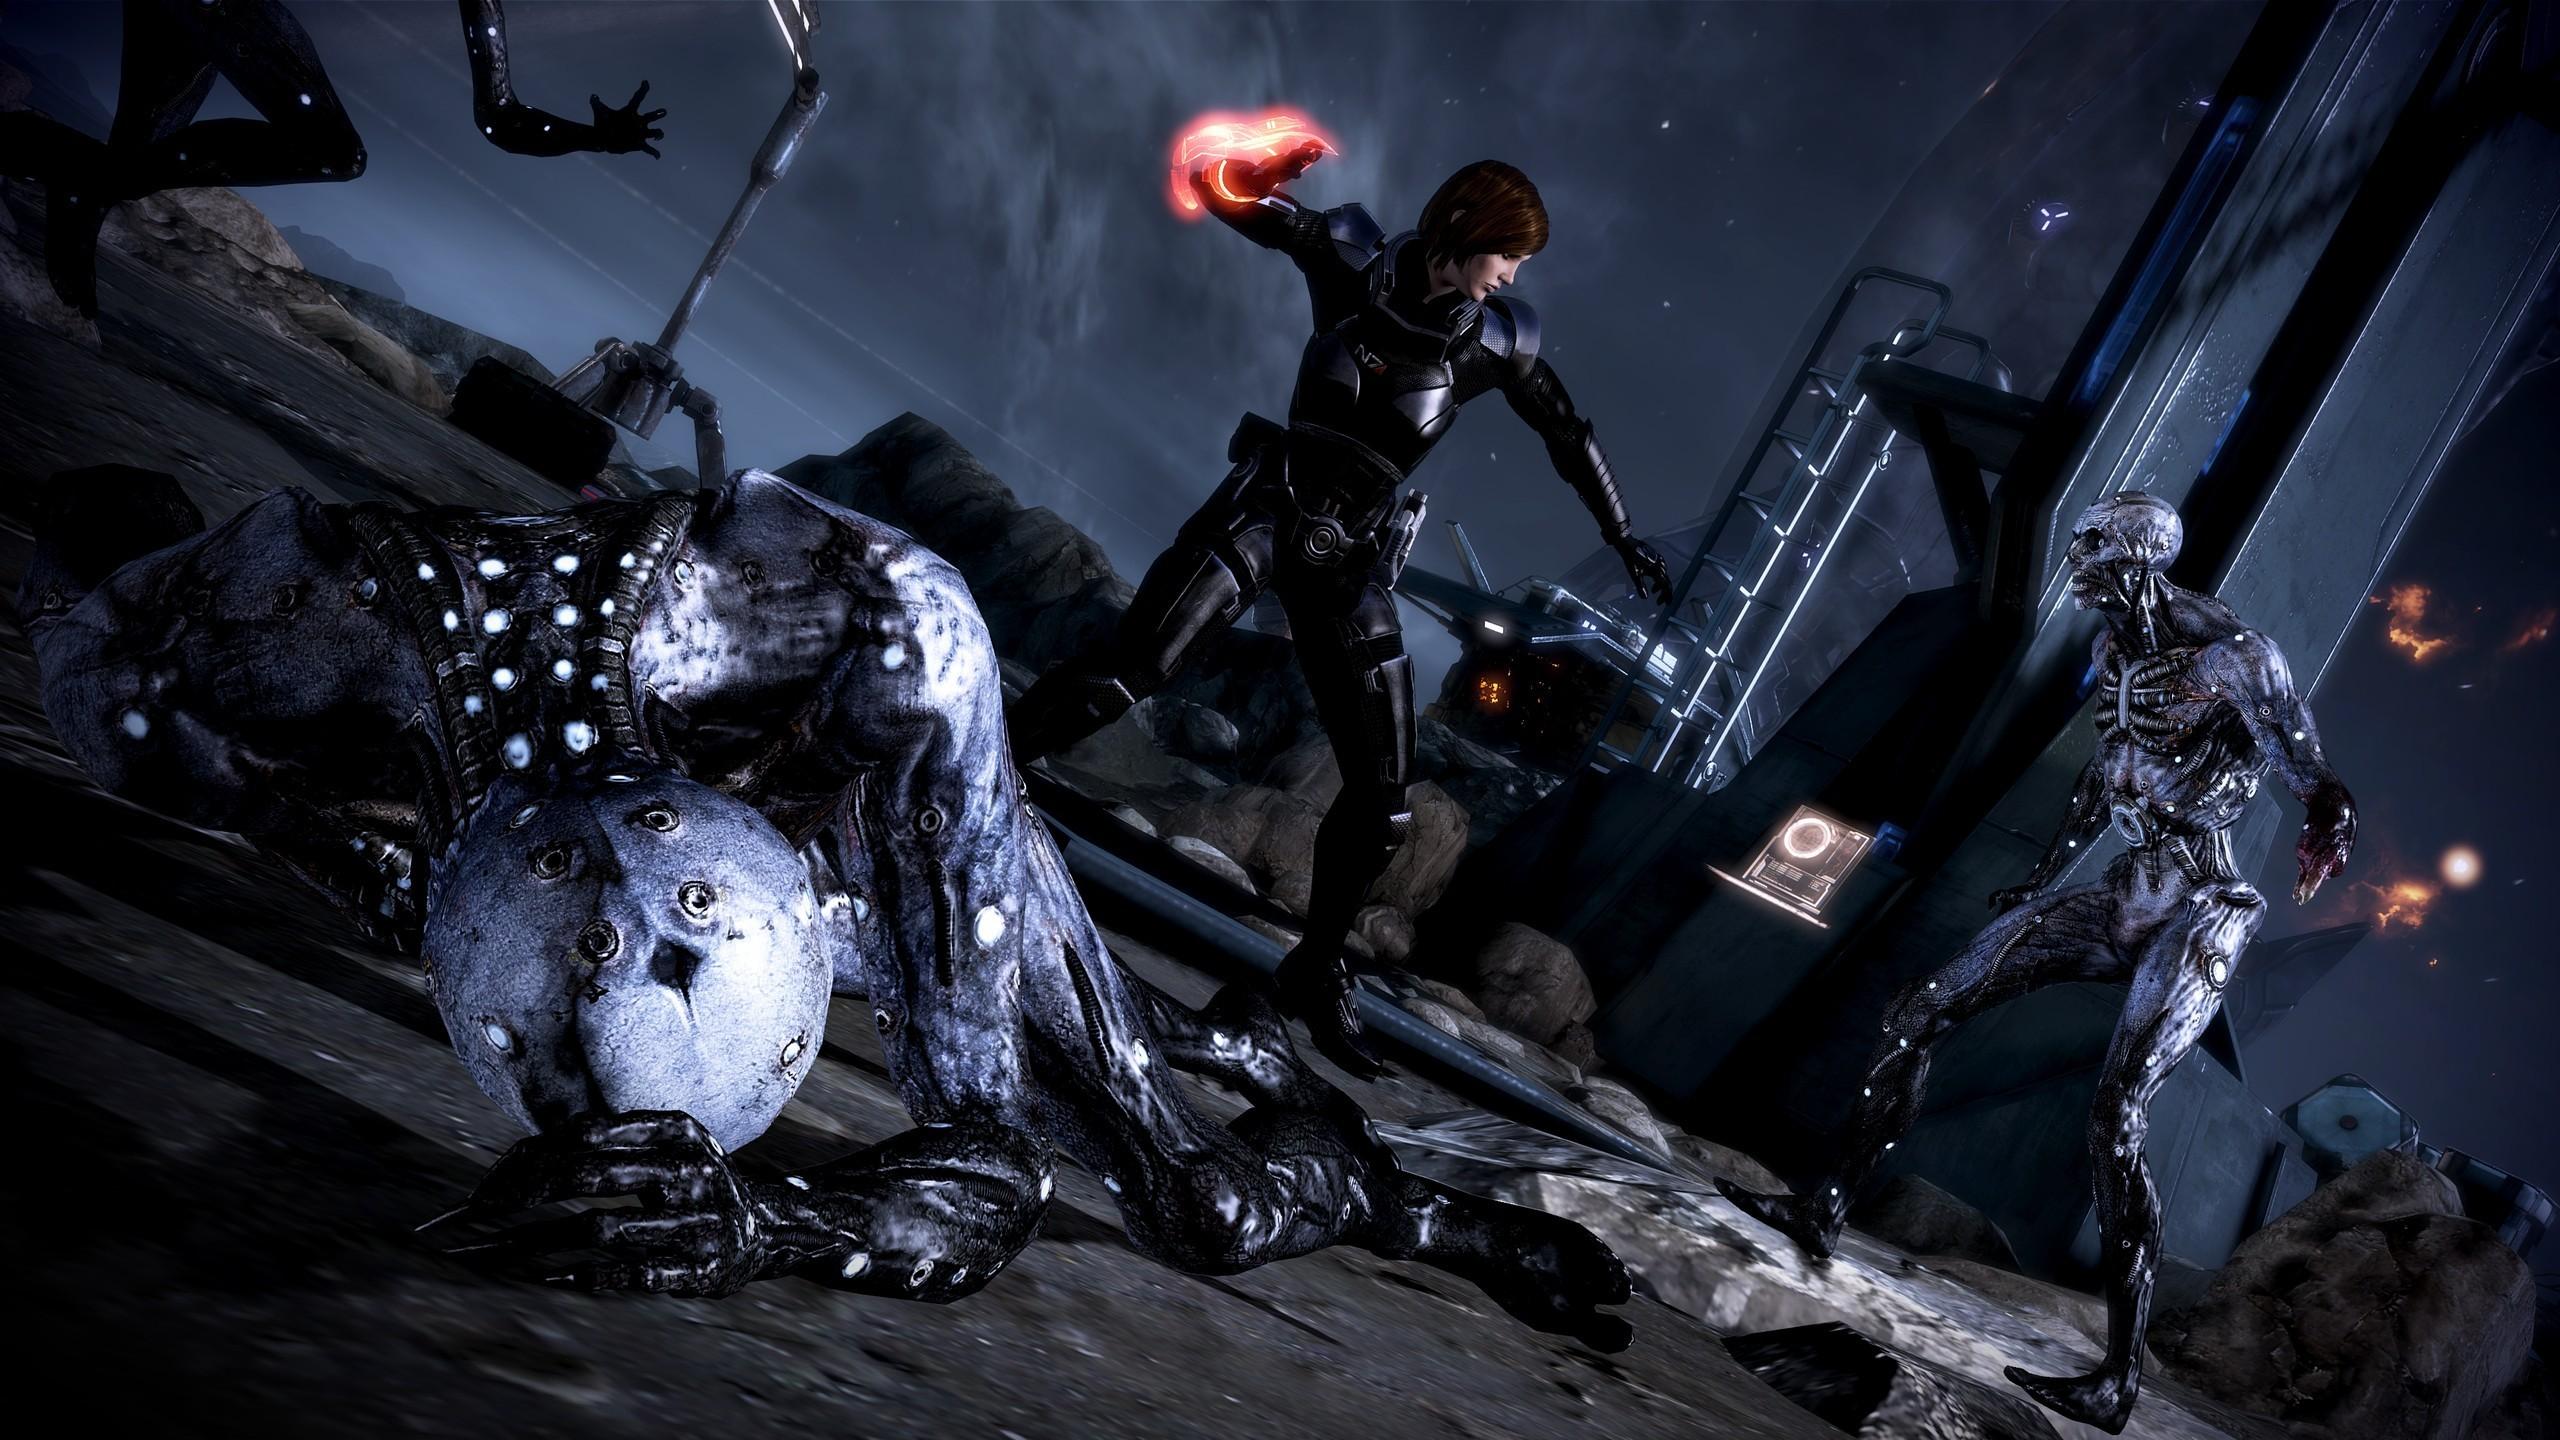 Video games mass effect 3 femshep commander shepard wallpaper